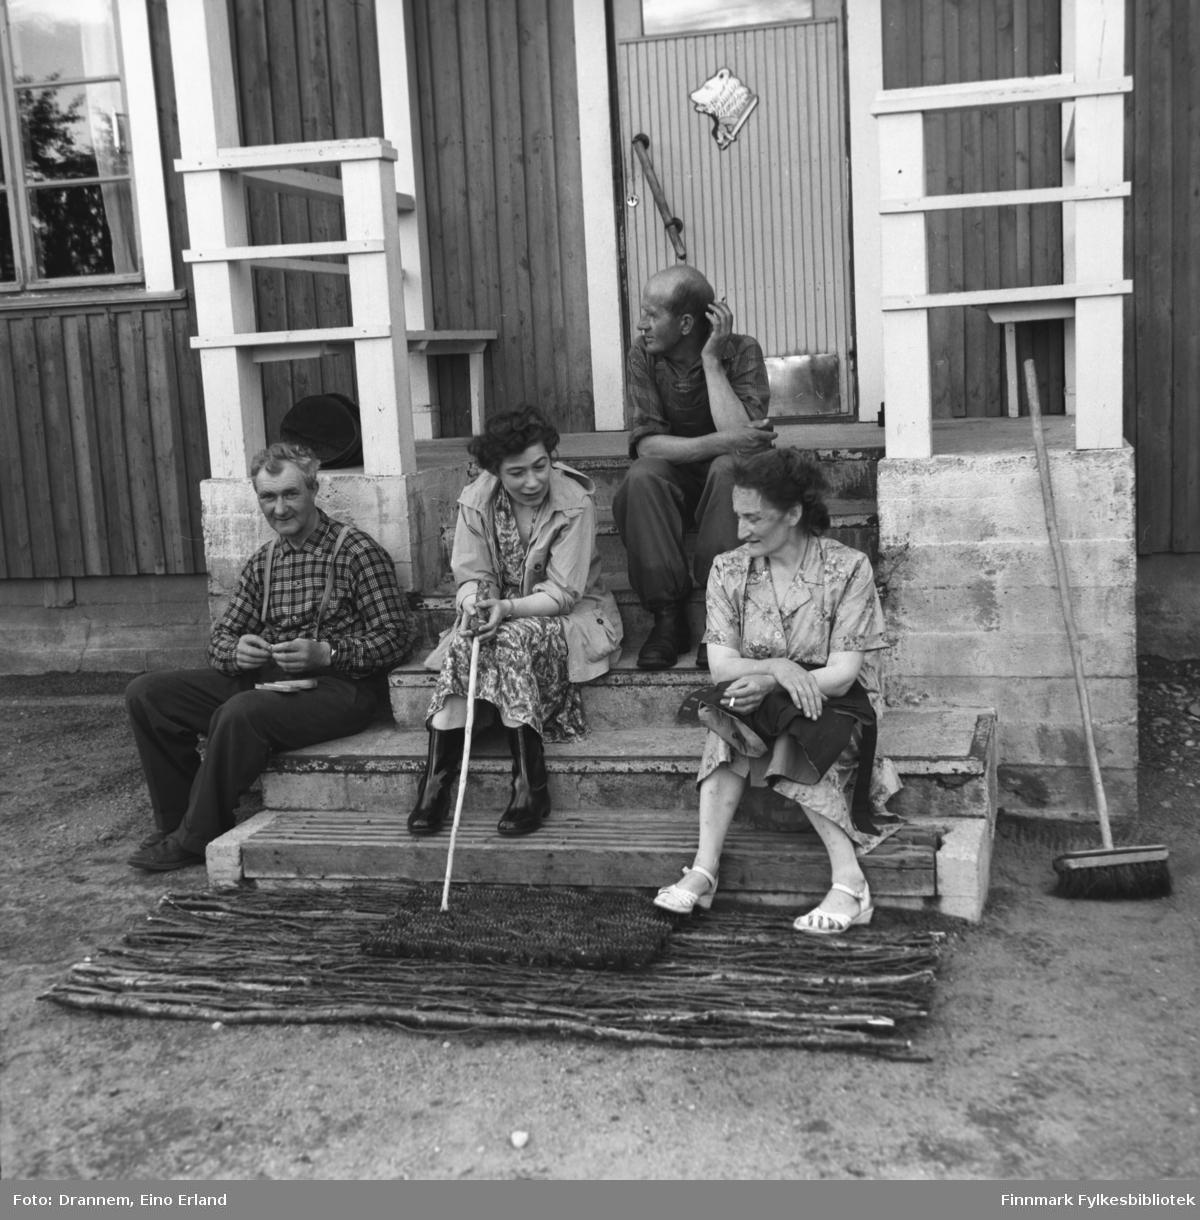 Fire personer sitter på trappa til grensevaktstasjonen på finsk side i Neiden. De er, fra venstre: Søren Gabrielsen, Jenny Drannem, Uuno Lappalainen, ukjent.